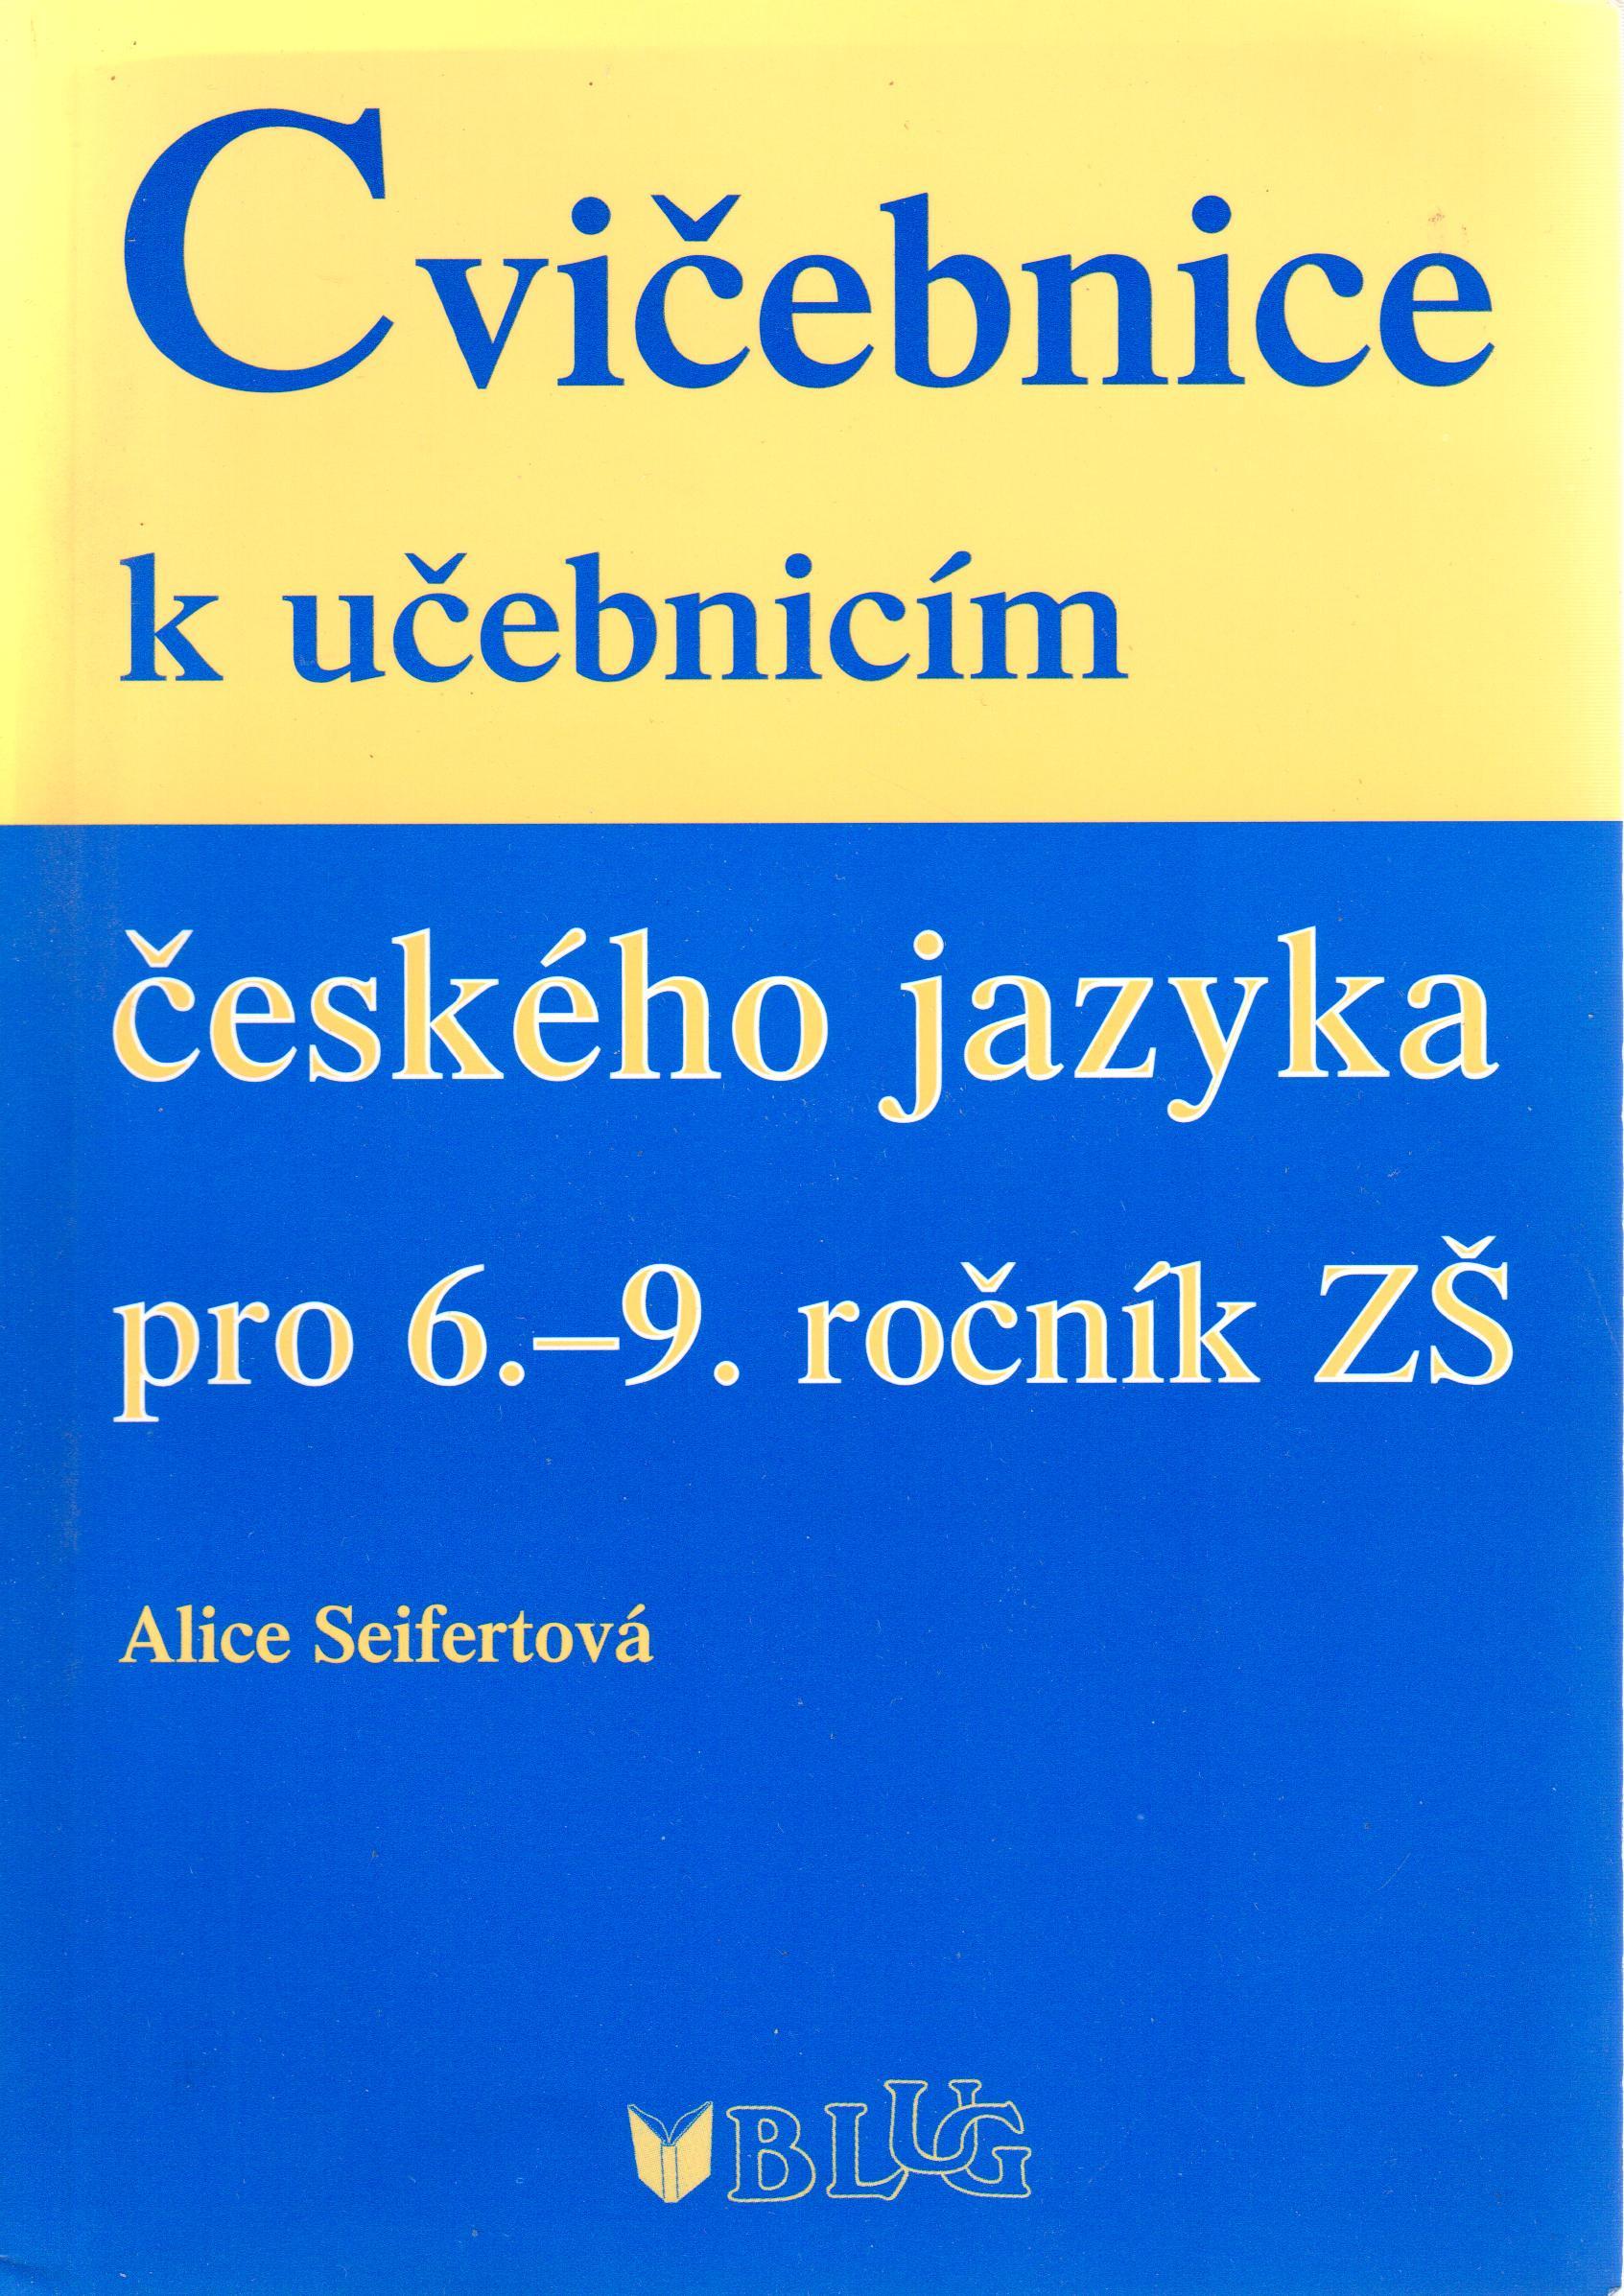 Cvičebnice k učebnicím českého jazyka pro 6.–9. ročník ZŠ - Náhled učebnice